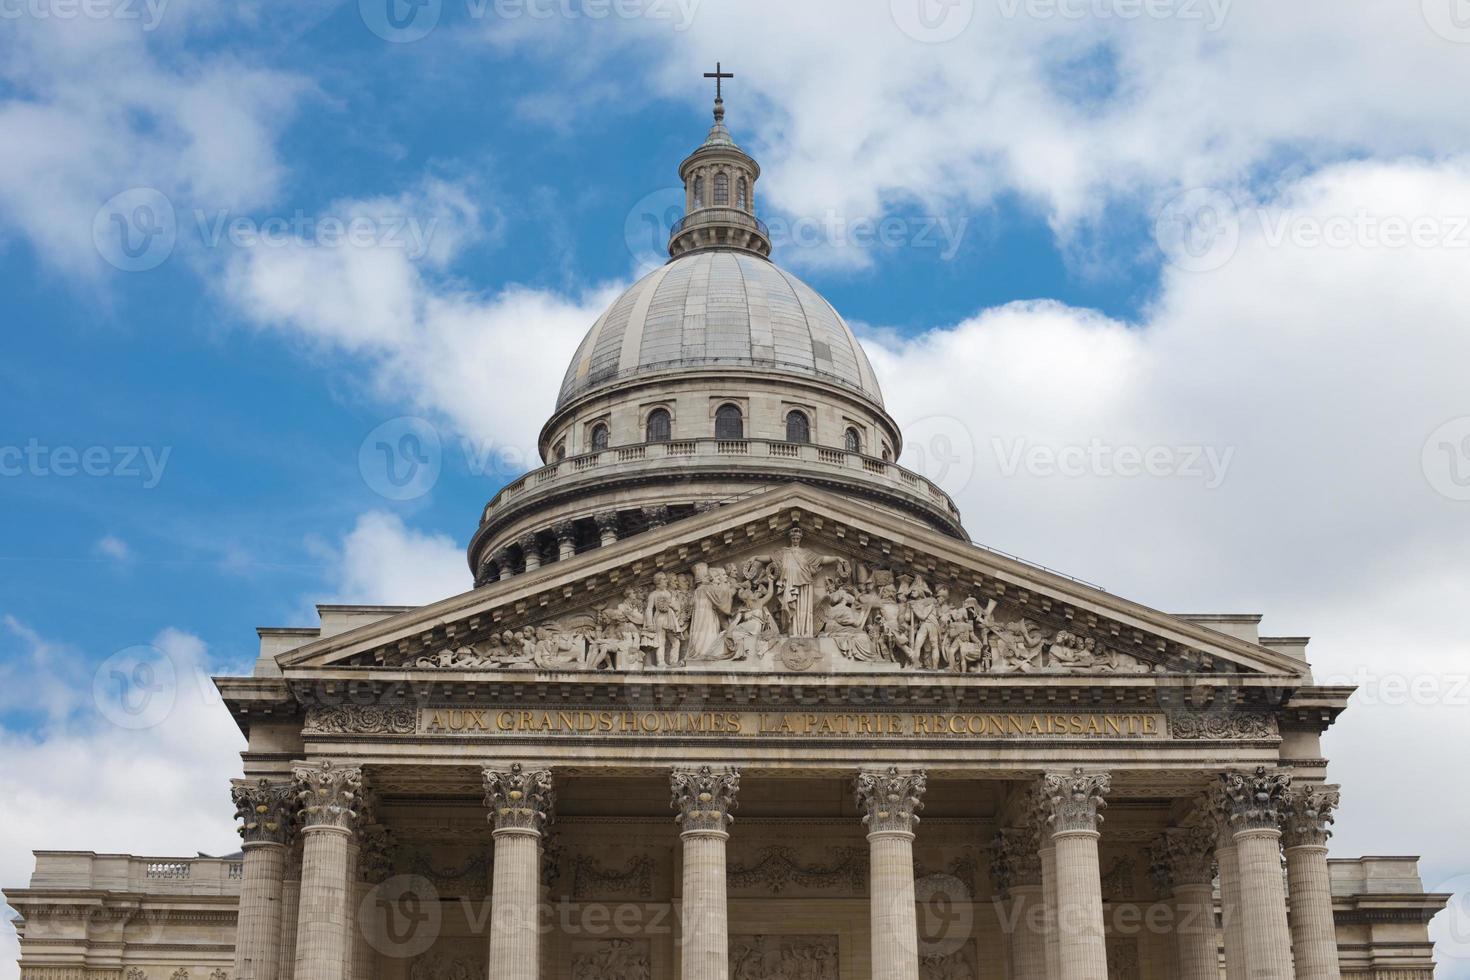 The Panthéon photo